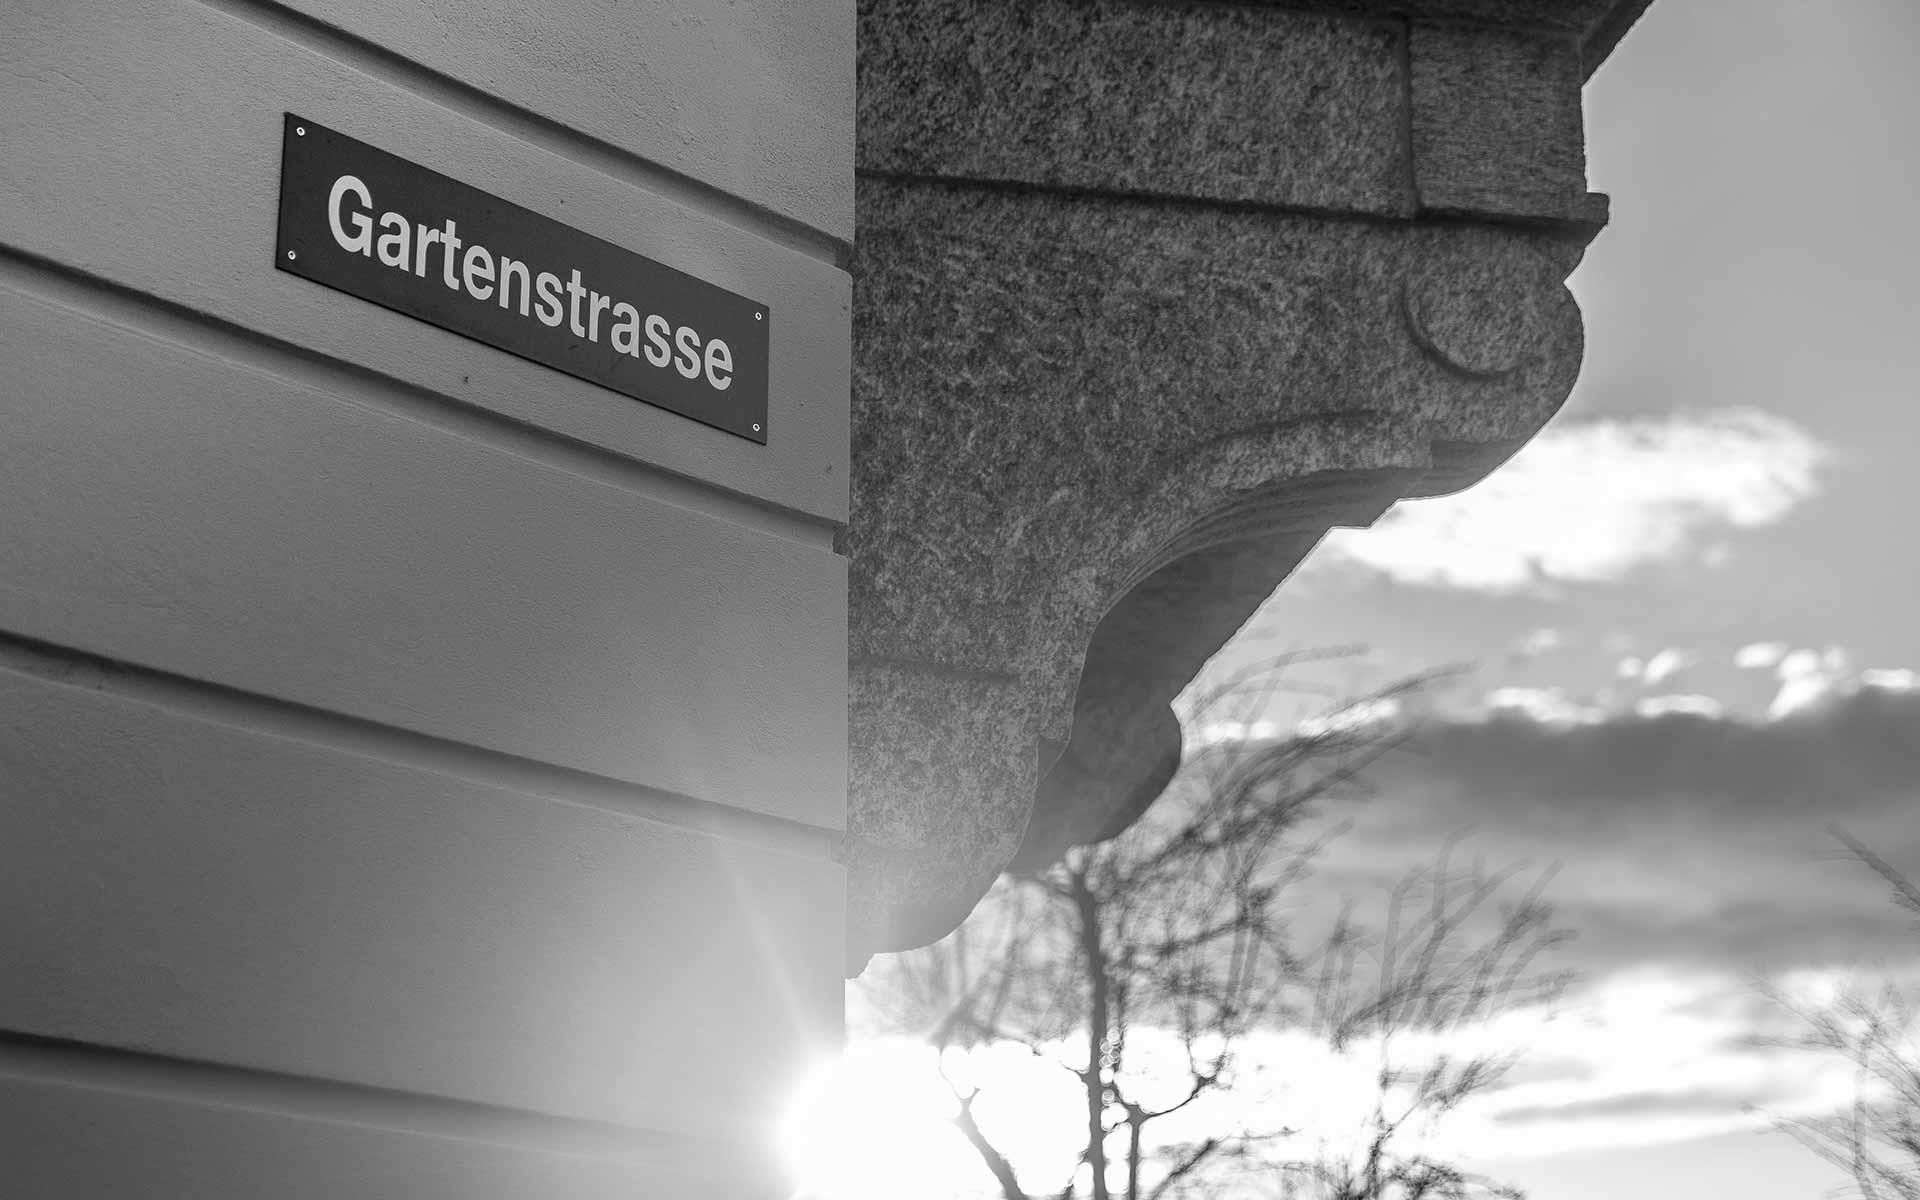 gartenstrasse_1920